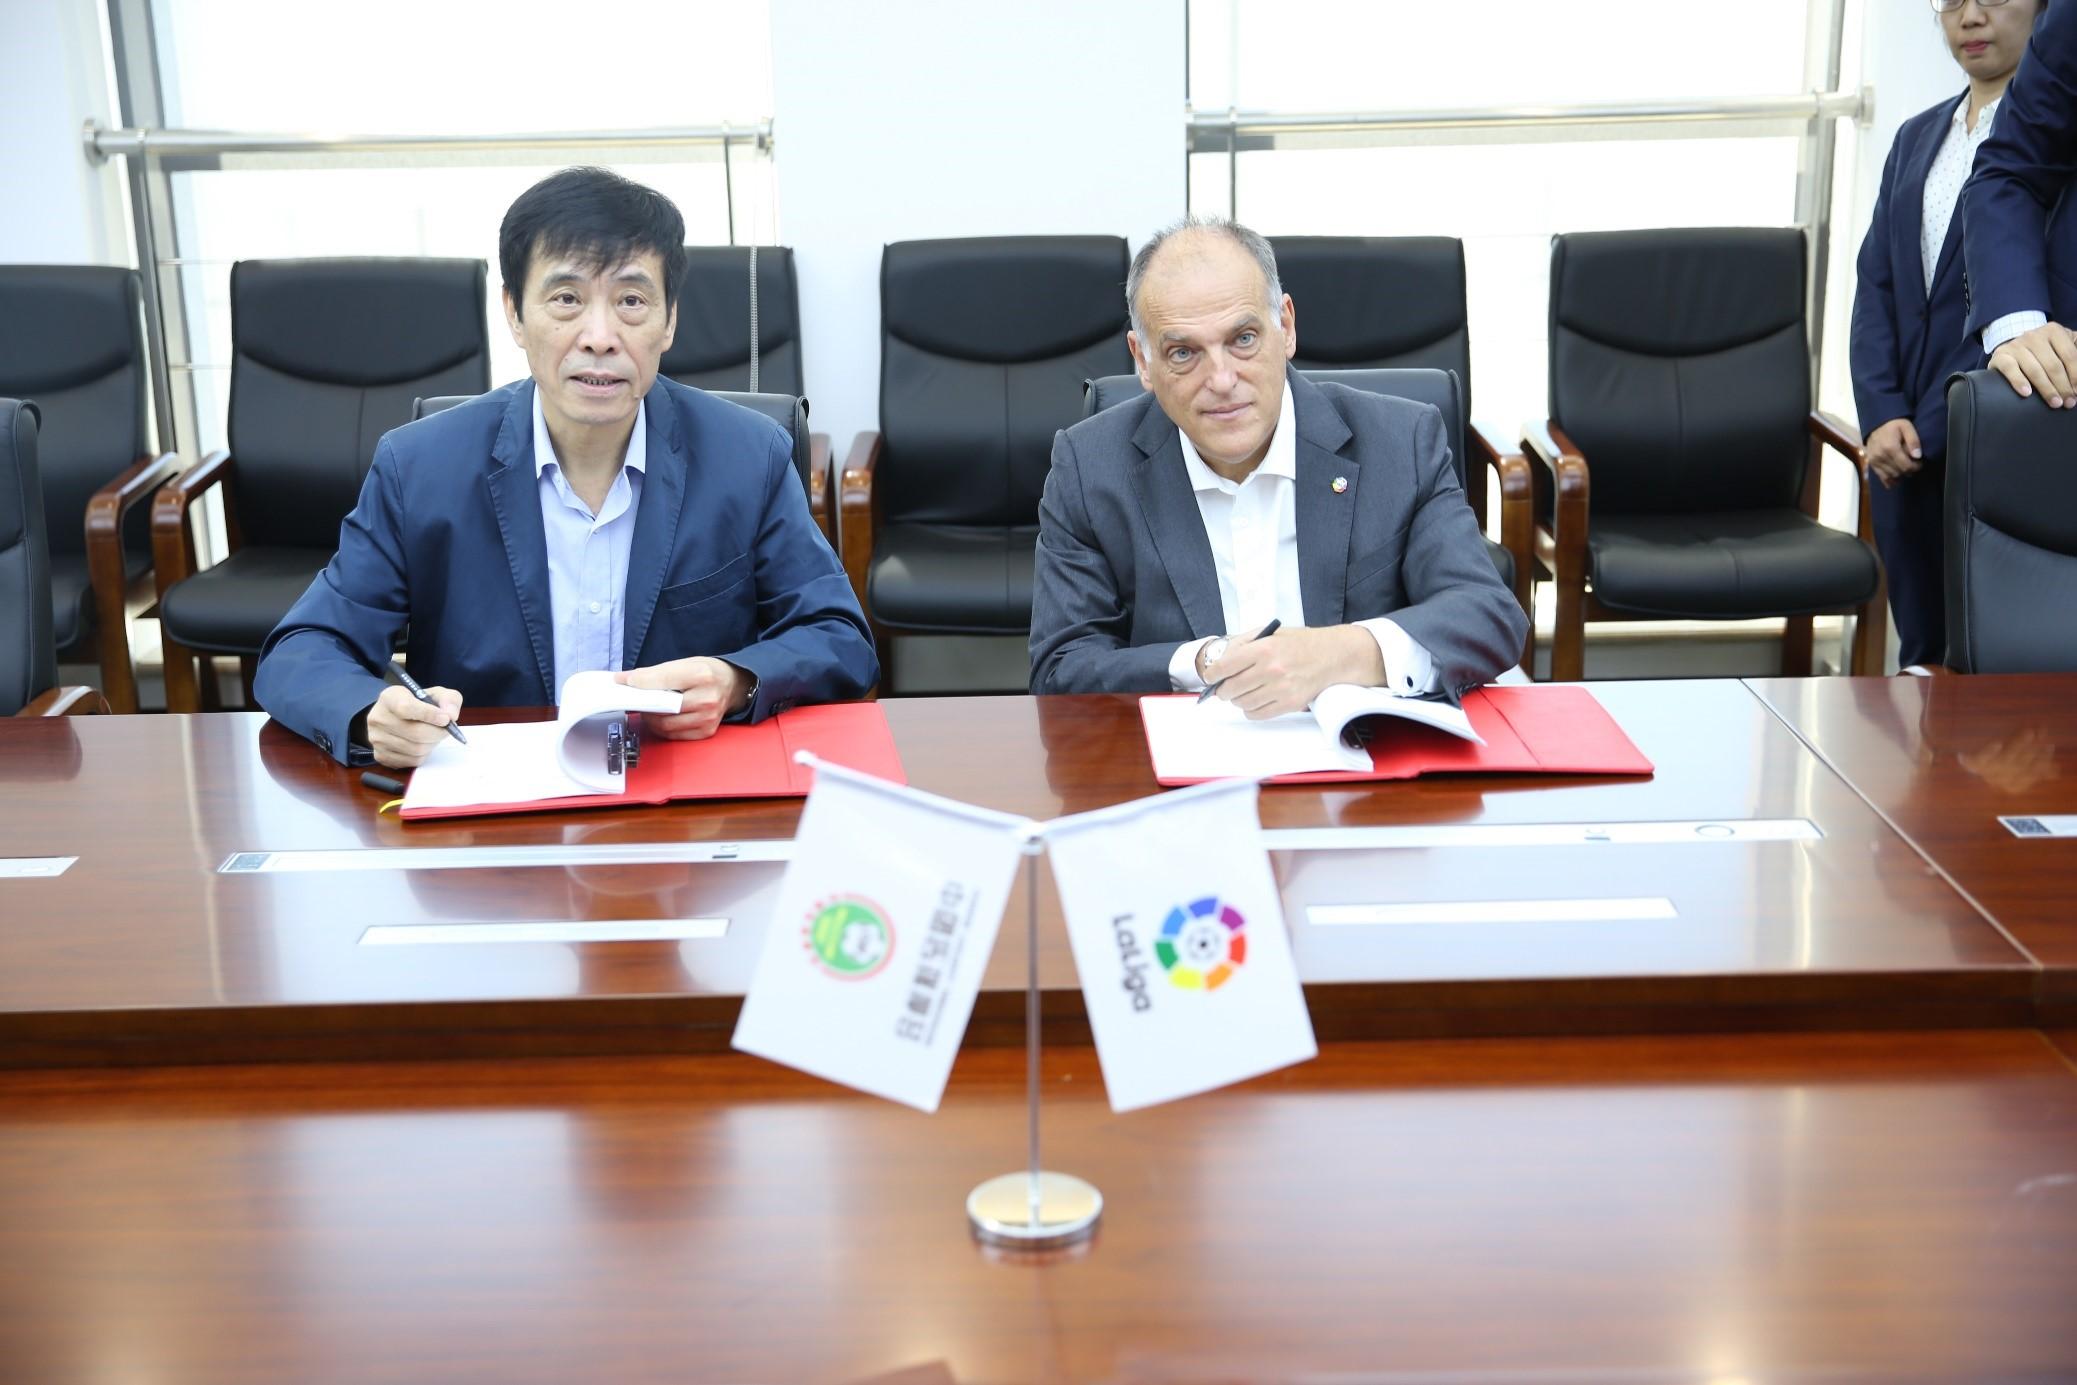 中国足协与西甲达成协议凯发网址,旨在建立球员与教练发展体系